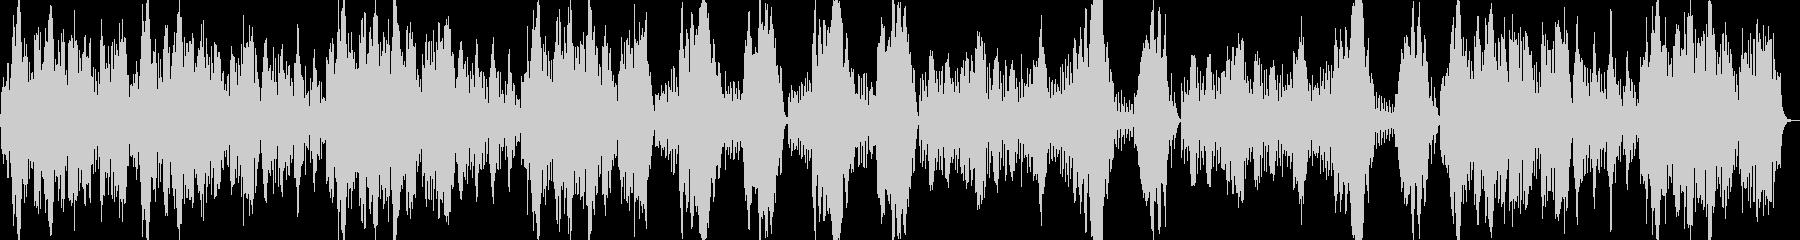 ボッケリーニのメヌエット/ボッケリーニの未再生の波形